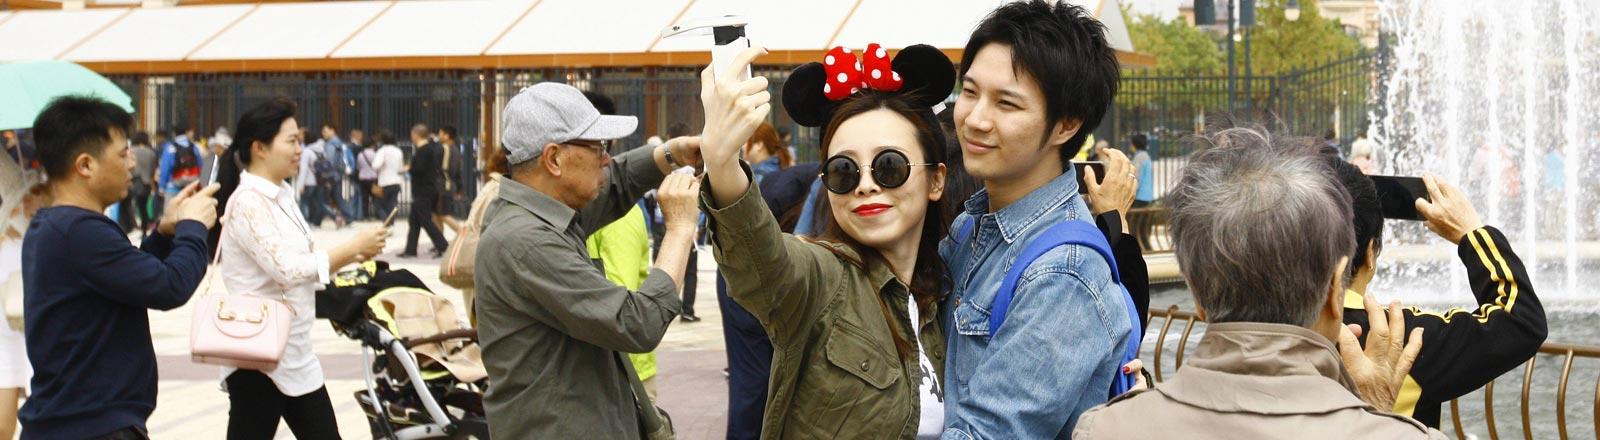 Zwei Besucher des Disneyland Parks in Shanghai machen ein Selfie.